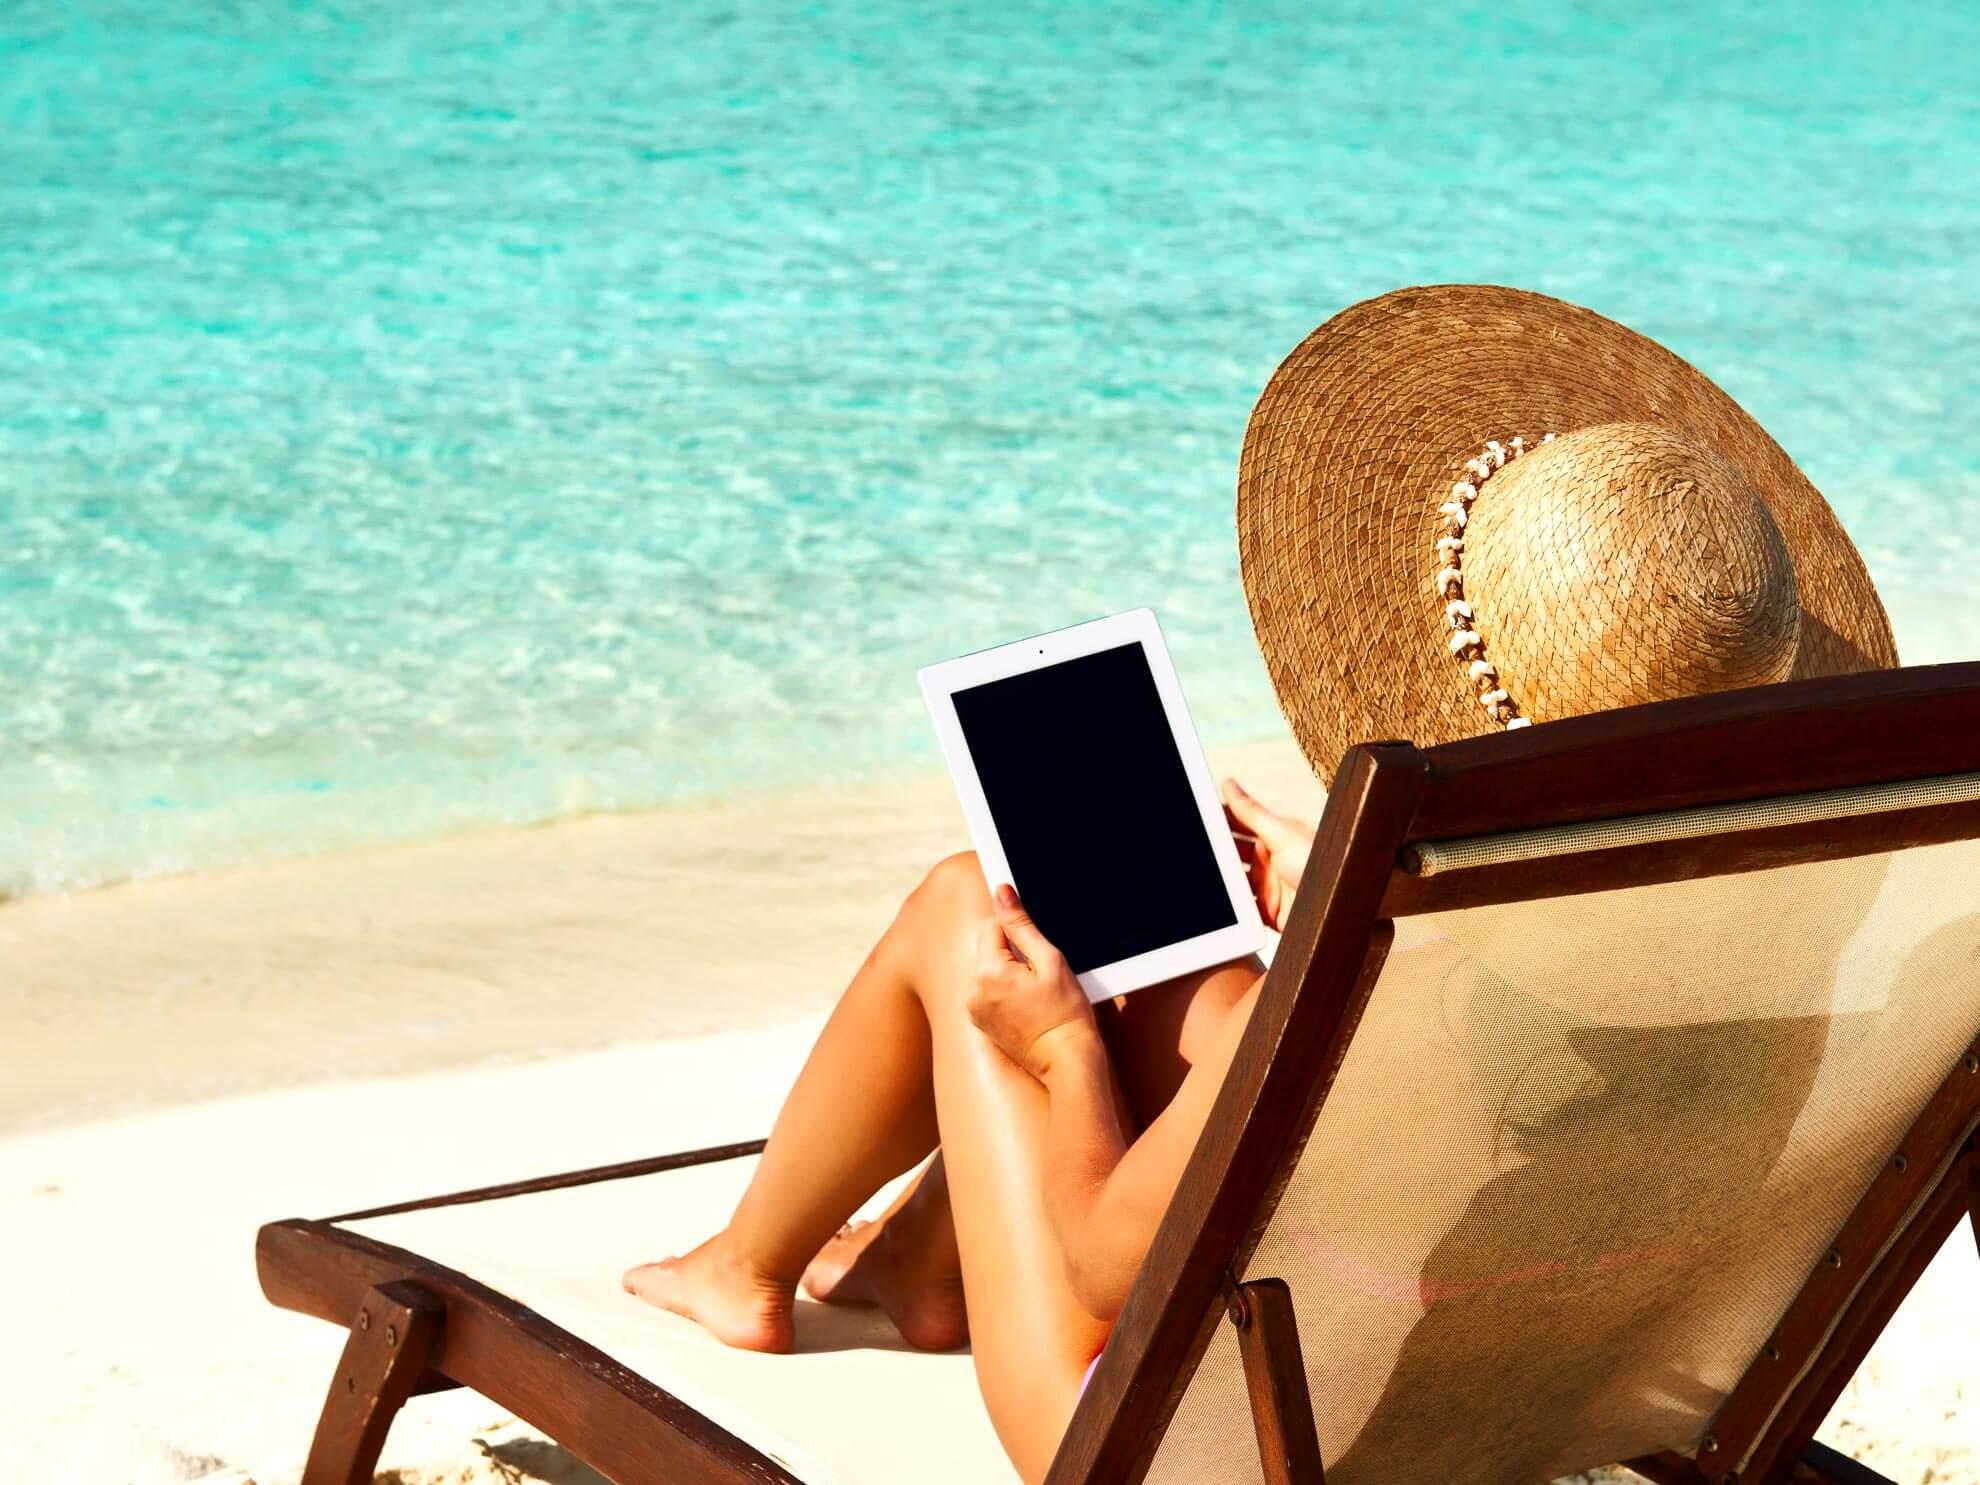 Grazie alle moderne app di gestione prenotazione spiaggia gli stabilimenti balneari possono evitare assembramenti e fornire un servizio migliore ai clienti.